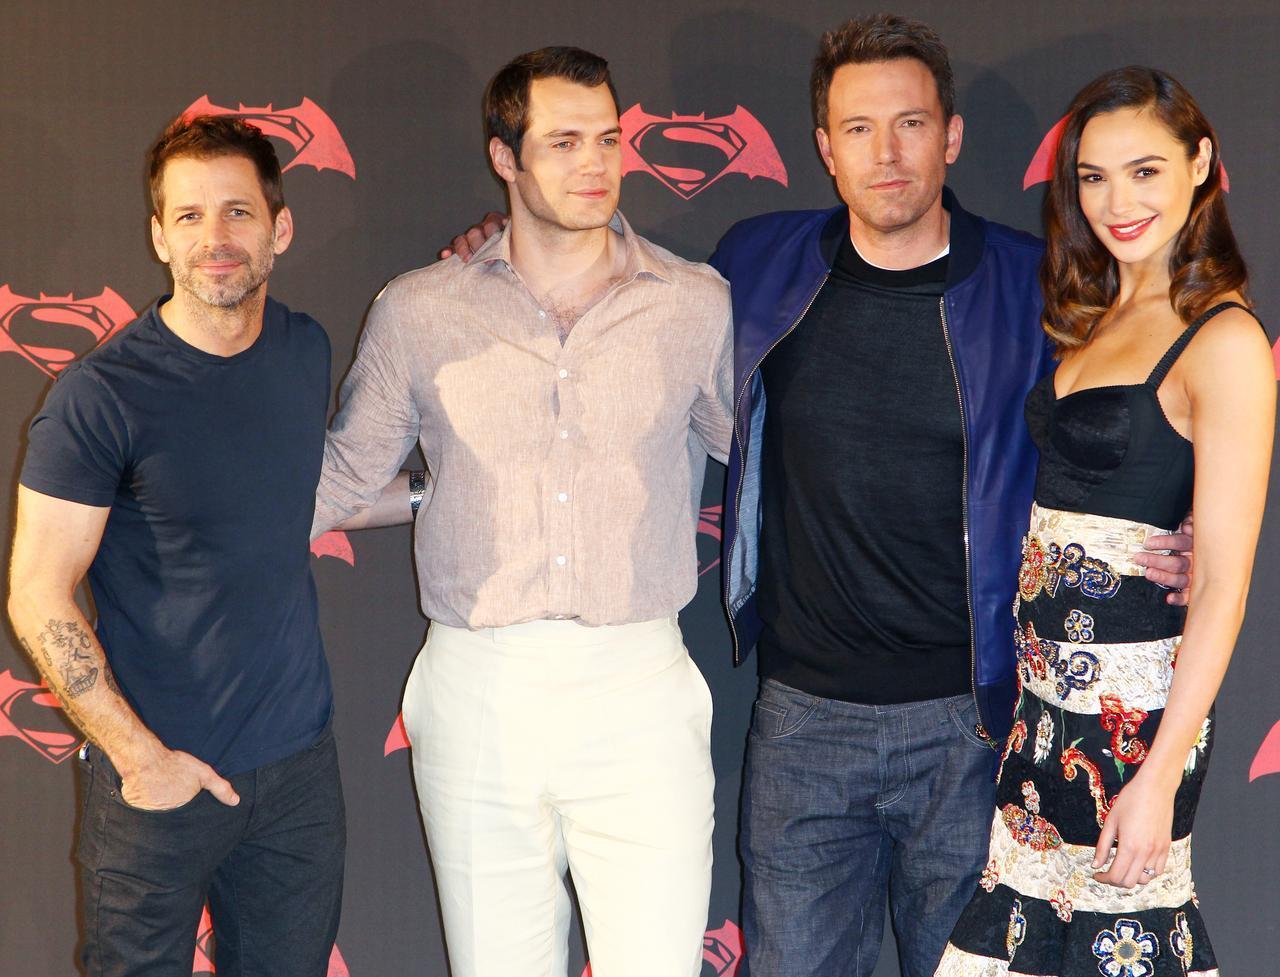 画像: ワンダーウーマンを初めて演じた2016年の映画『バットマン vs スーパーマン ジャスティスの誕生』のプレミアにて。ザック・スナイダー(左)はDCコミックス映画のプロデューサー。